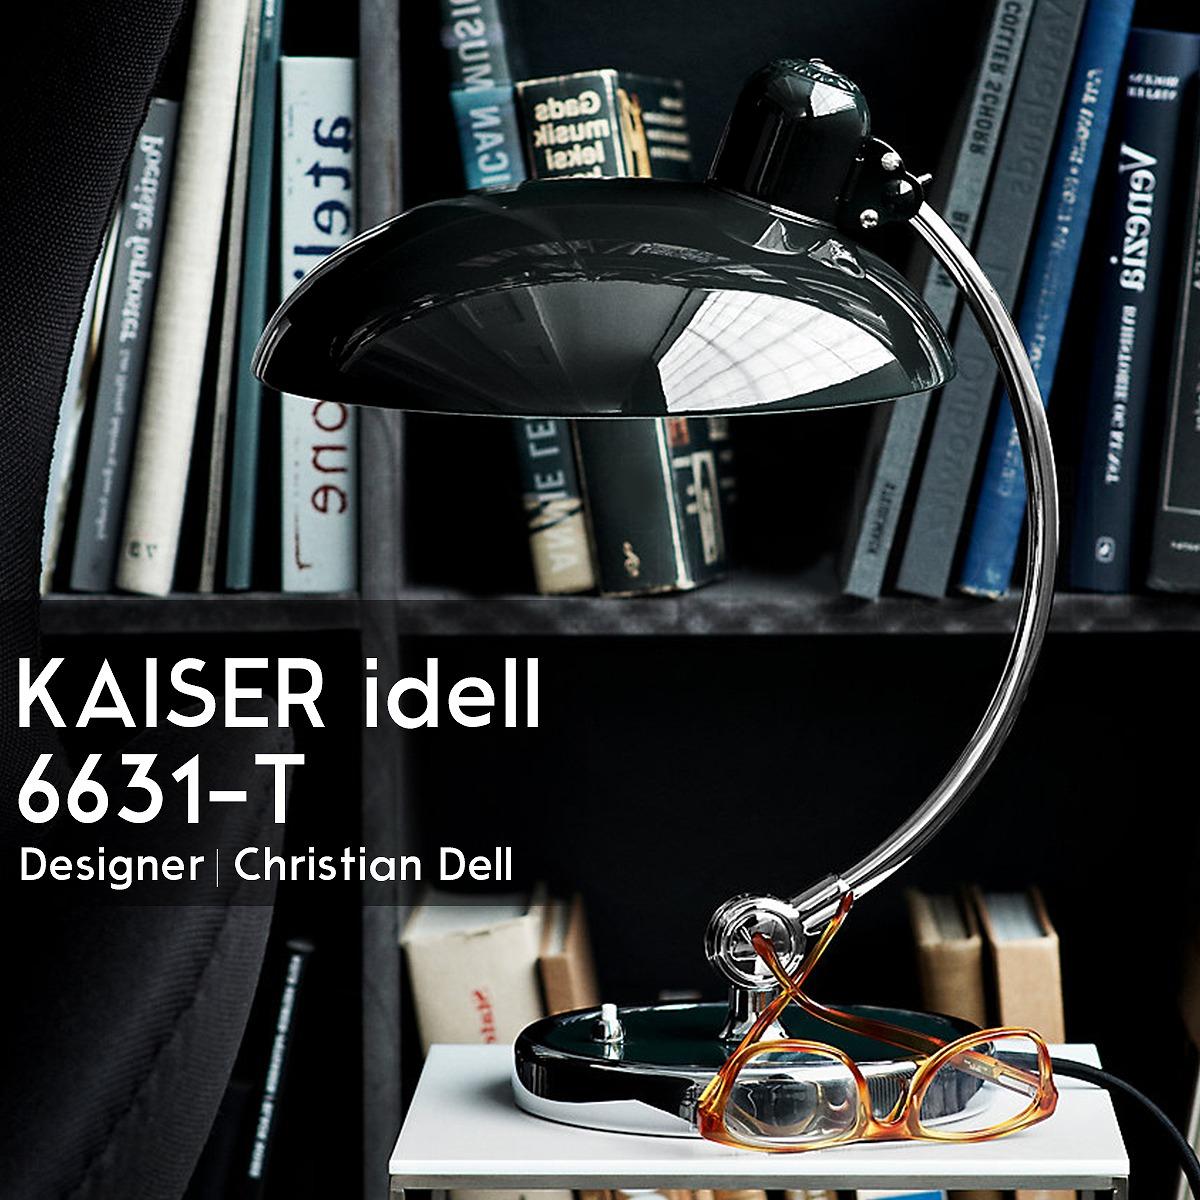 デスクライト テーブルランプ スタンドライト カイザー・イデル KAISER IDELL 6631-T クリスチャン・デル デザイナーズ照明 おしゃれ 黒